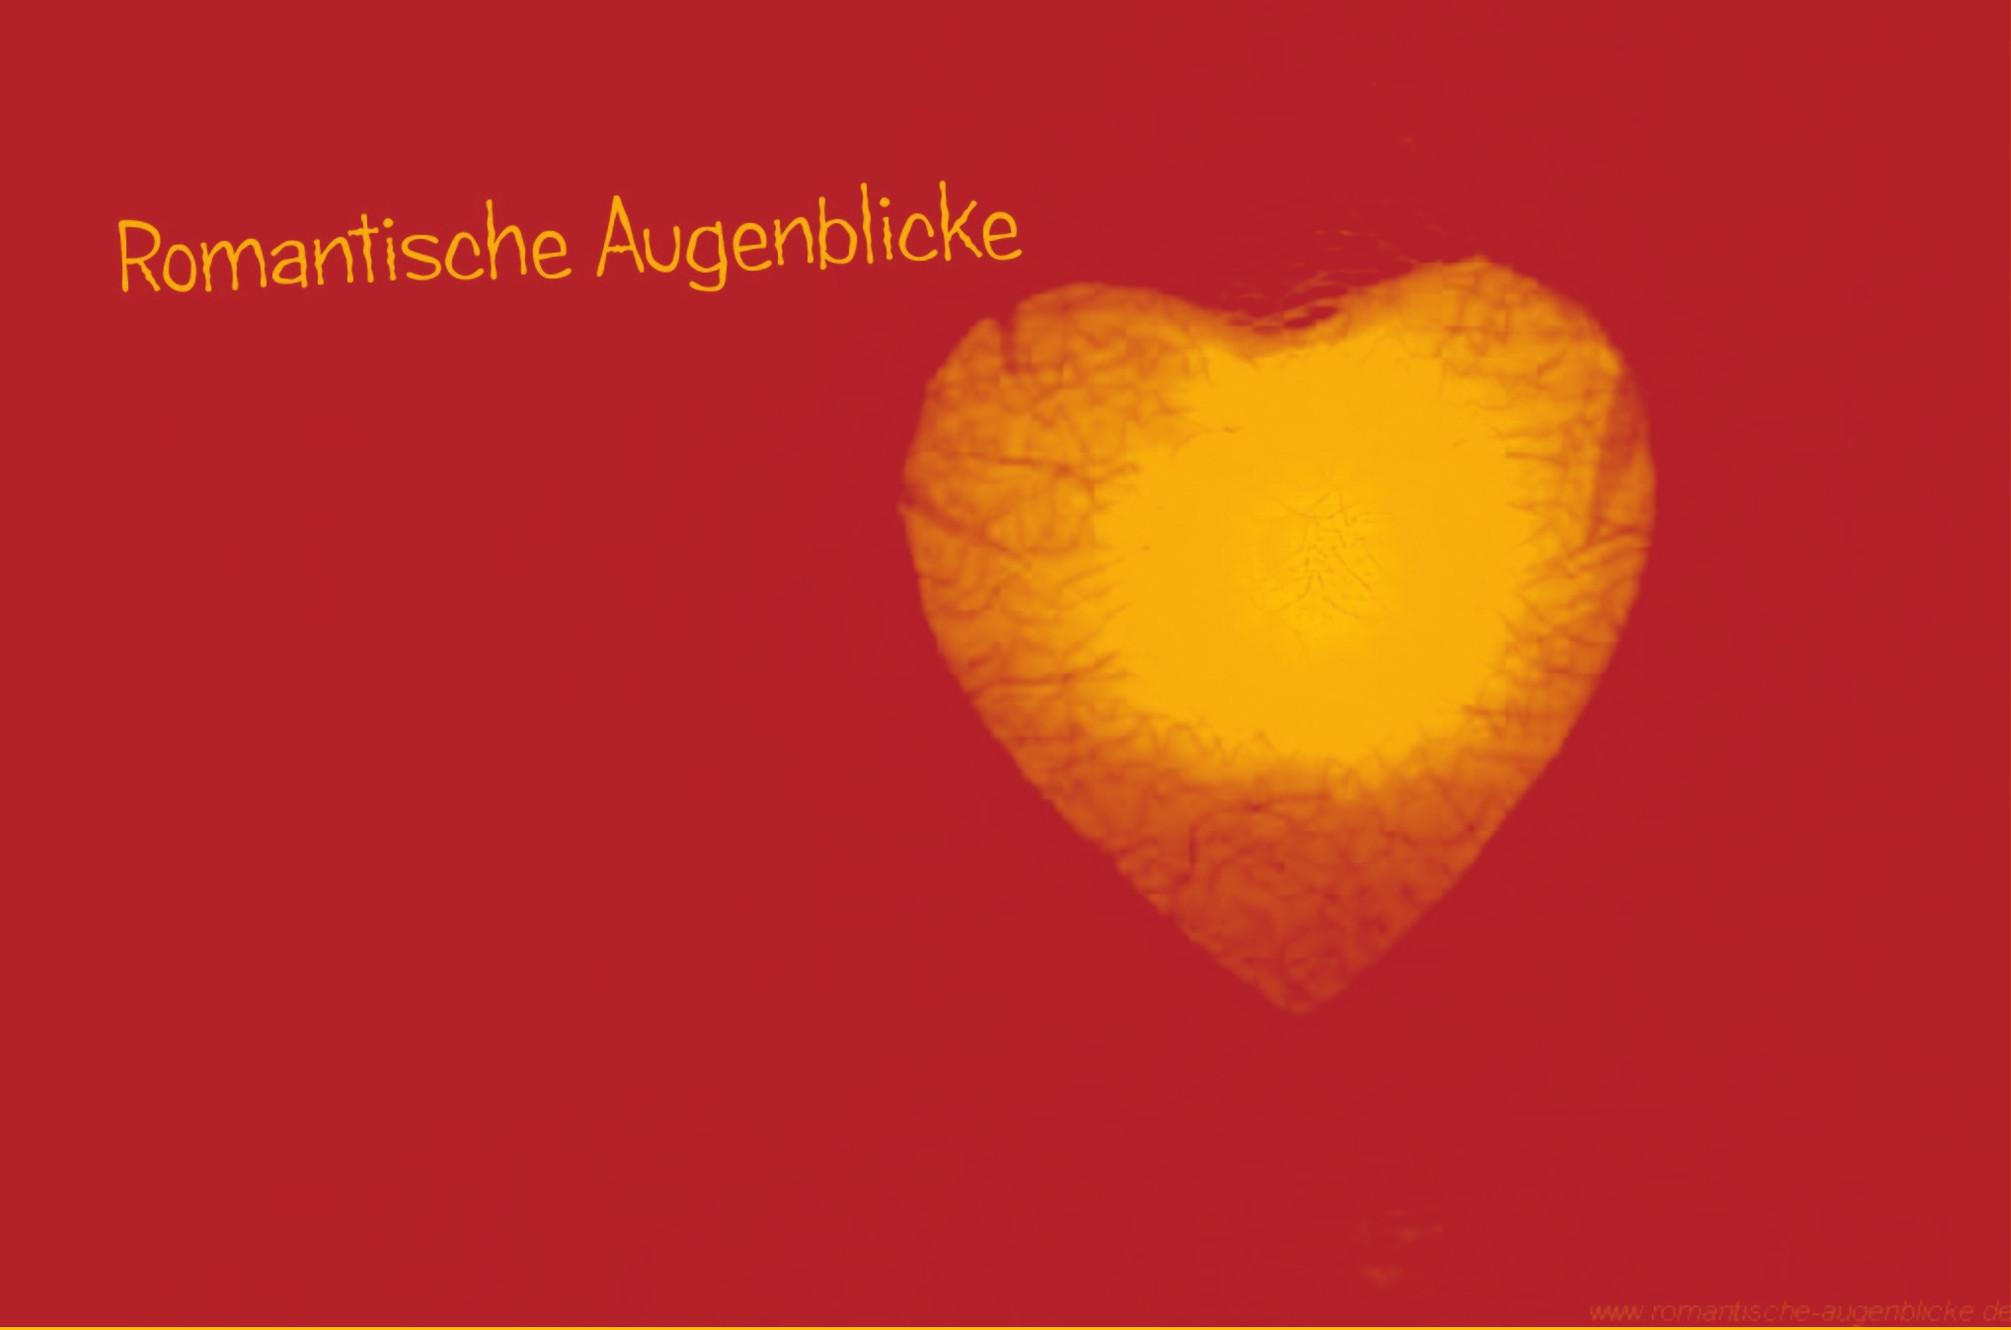 Schönsten liebesbriefe vorlagen die Liebesbrief schweizerdeutsch